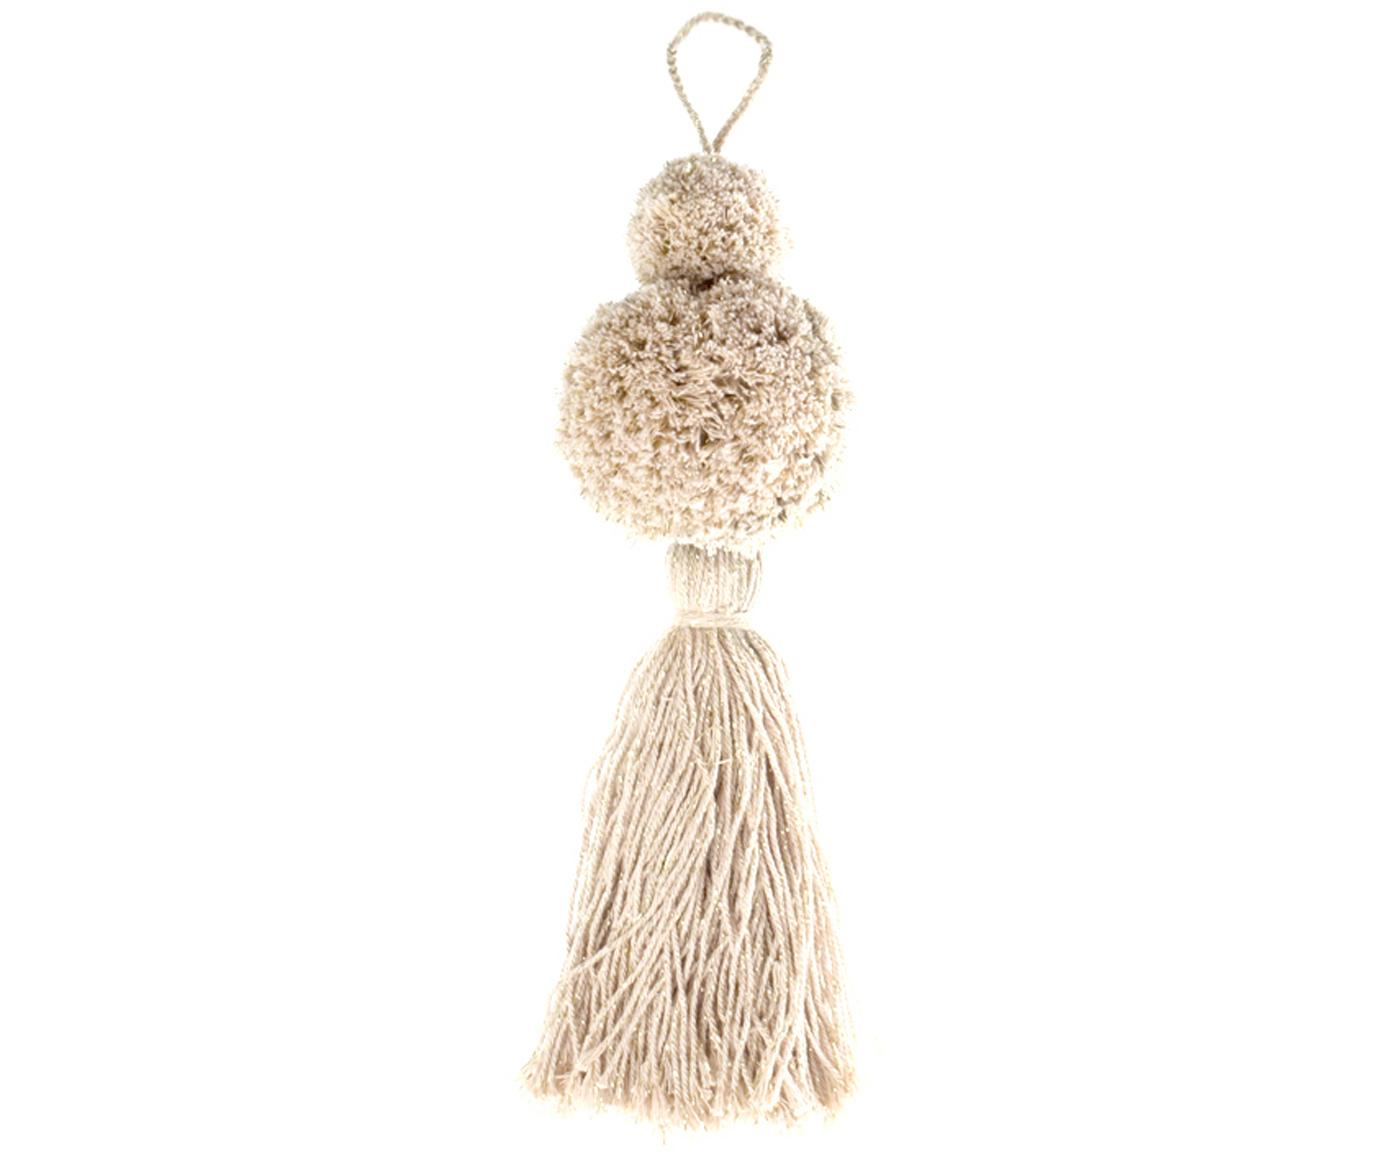 Adornos navideños Pompon, 2uds., Algodón con hilo de lurex, Blanco, dorado, Ø 8 x Al 37 cm